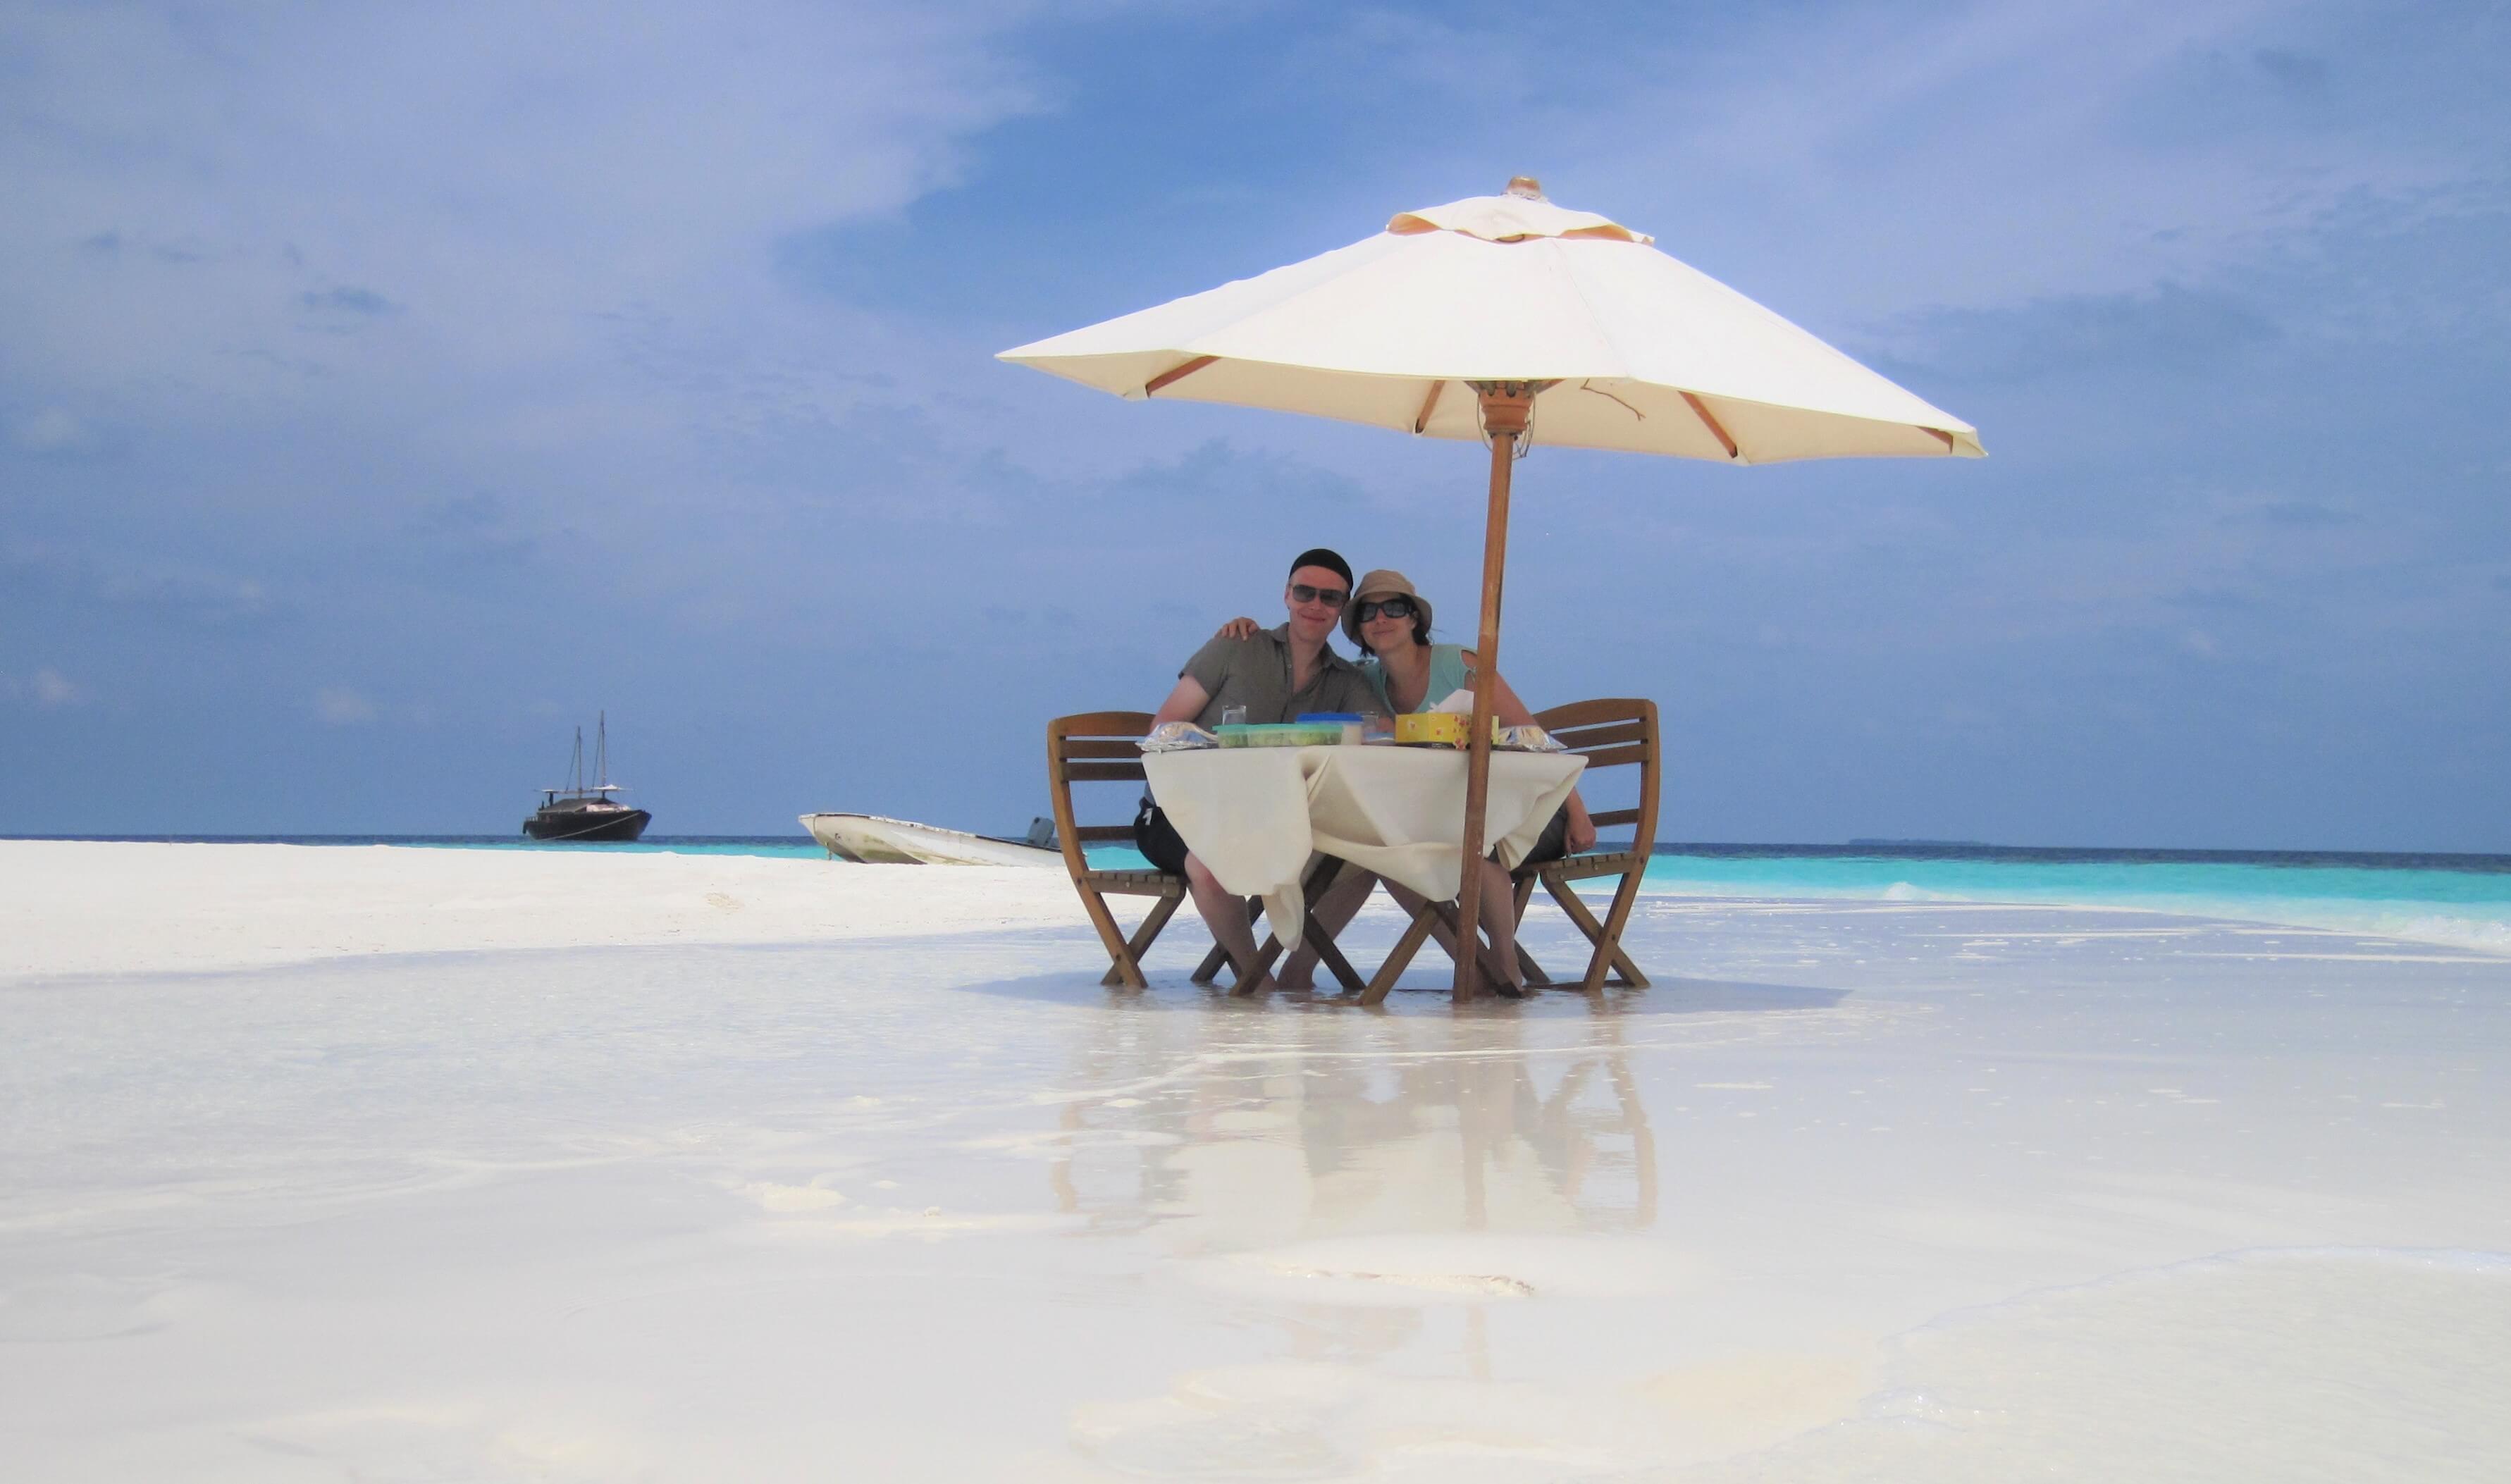 Repas en amoureux sur ile déserte aux Maldives